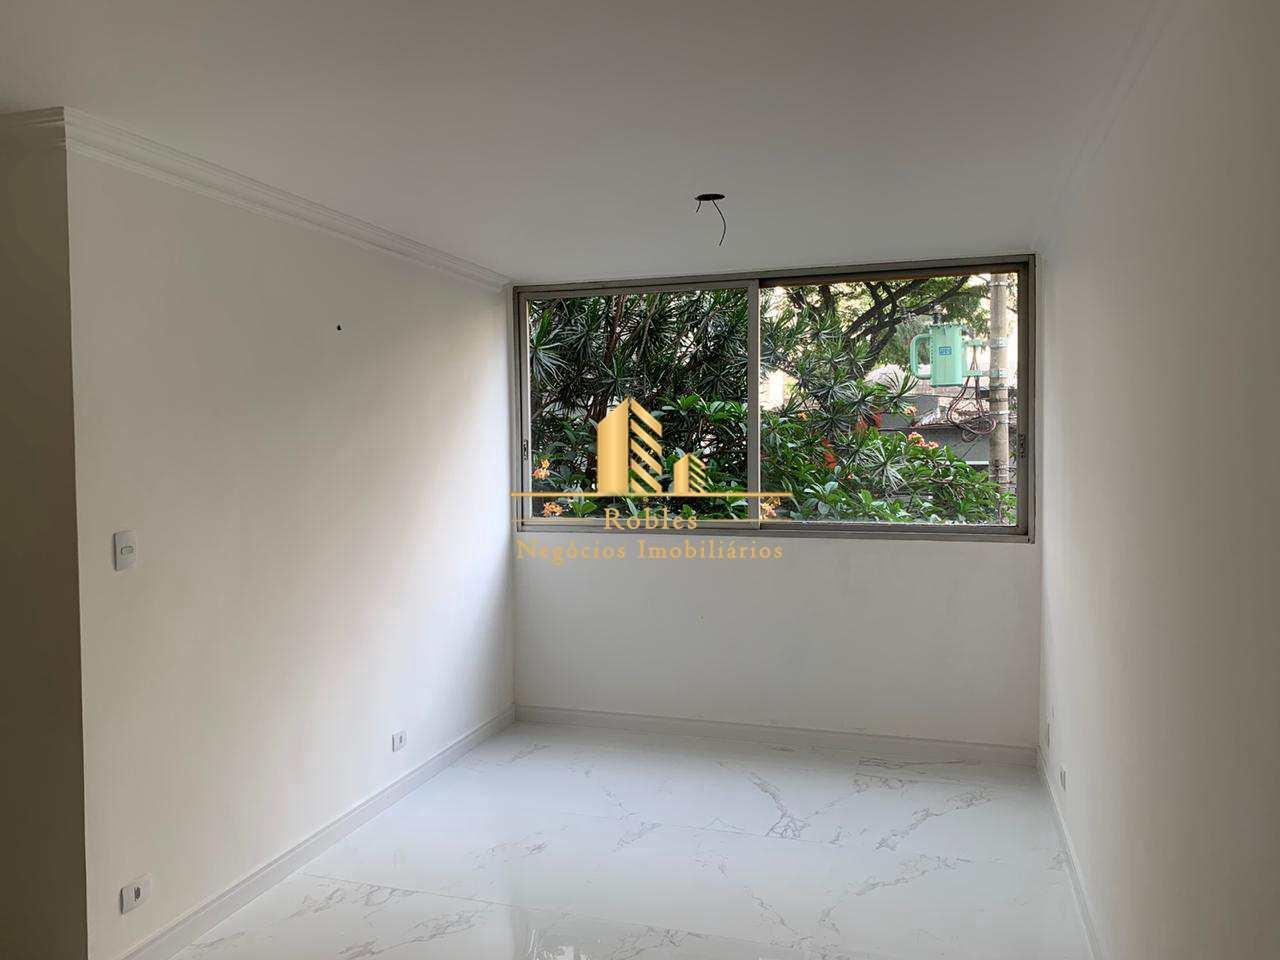 Apartamento com 3 dorms, Indianópolis, São Paulo - R$ 1 mi, Cod: 1006